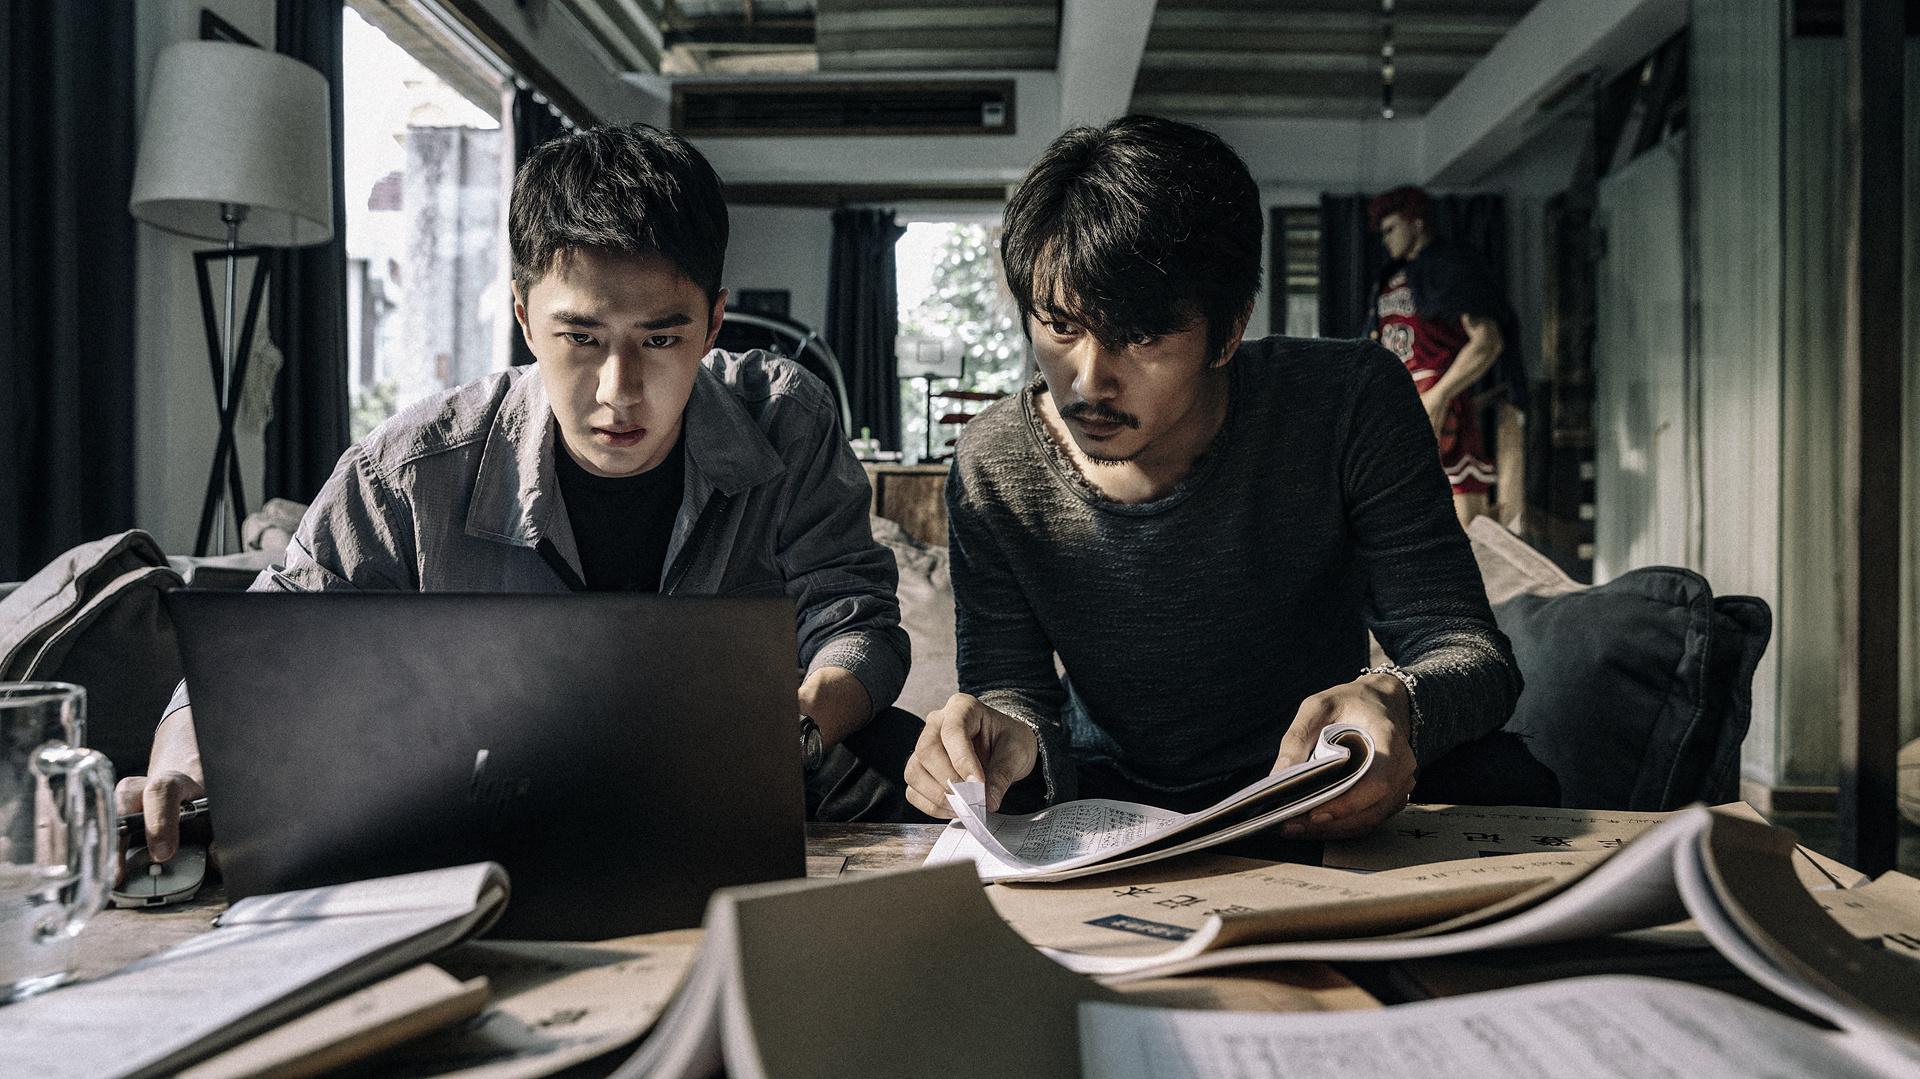 环球ug开户:《冰雨火》角色剧照 王一博眼神有戏陈晓侧颜帅气 第1张